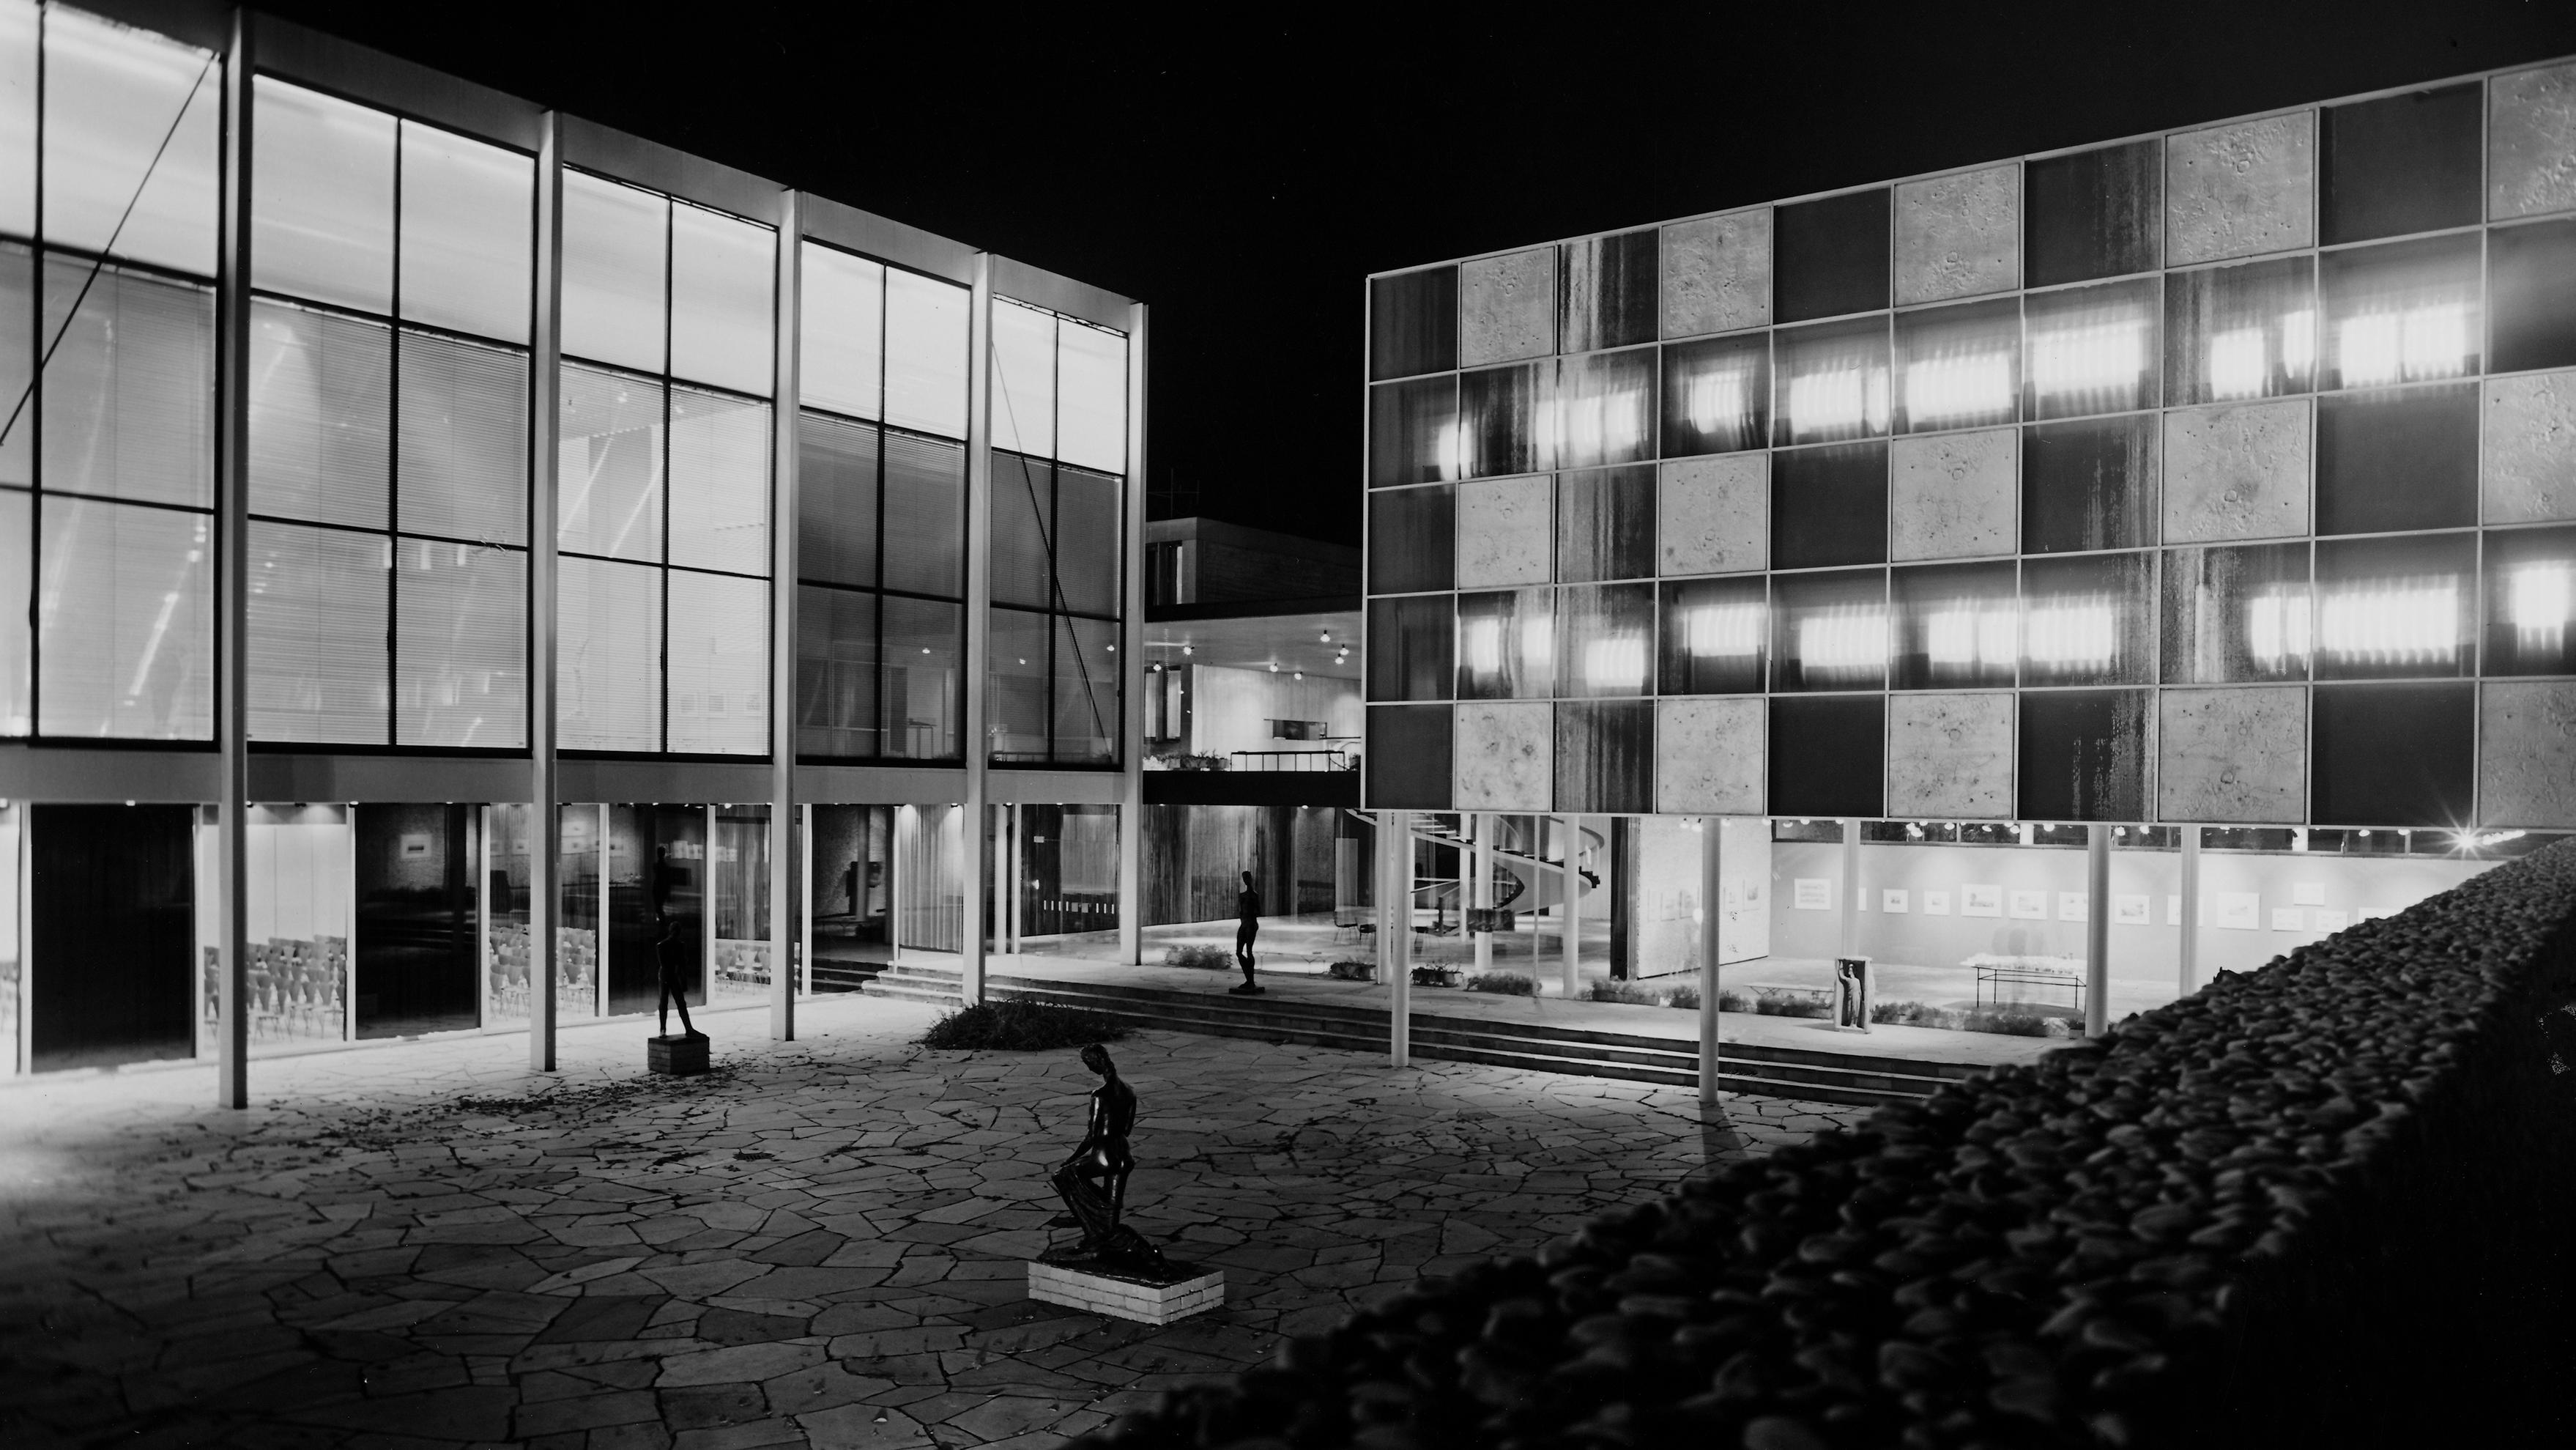 Innenhof eines modernen Gebäudes, aufgenommen bei Nacht (Reuchlinhaus in Pforzheim, Manfred Lehmbruck), 1961